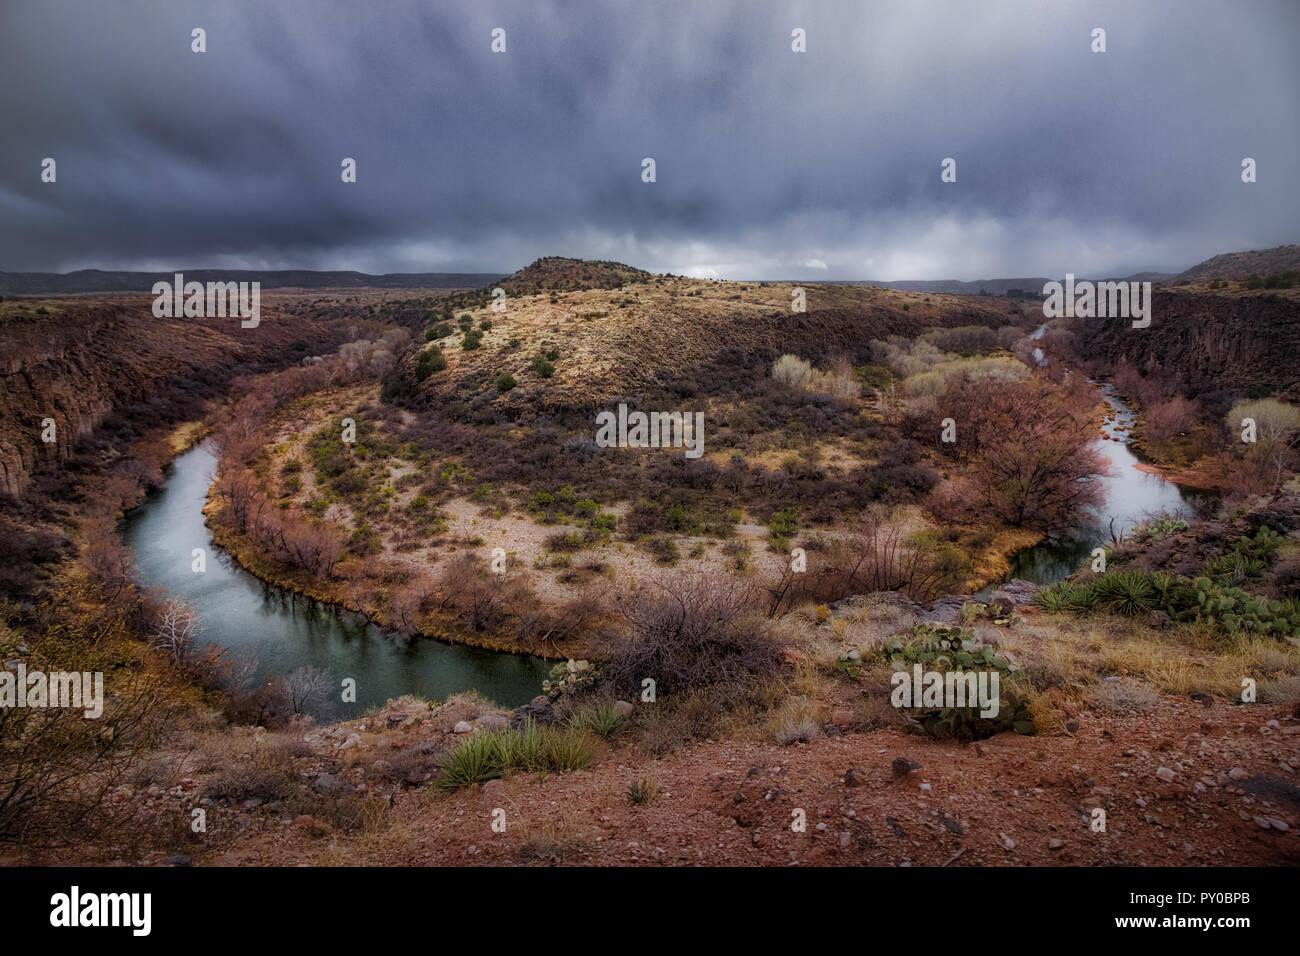 En forme de fer étonnant virage de la Verde River et giant 175 pieds (53 mètres) gorge nommé S.O.B. Canyon, près de Clarkdale, Arizona Banque D'Images